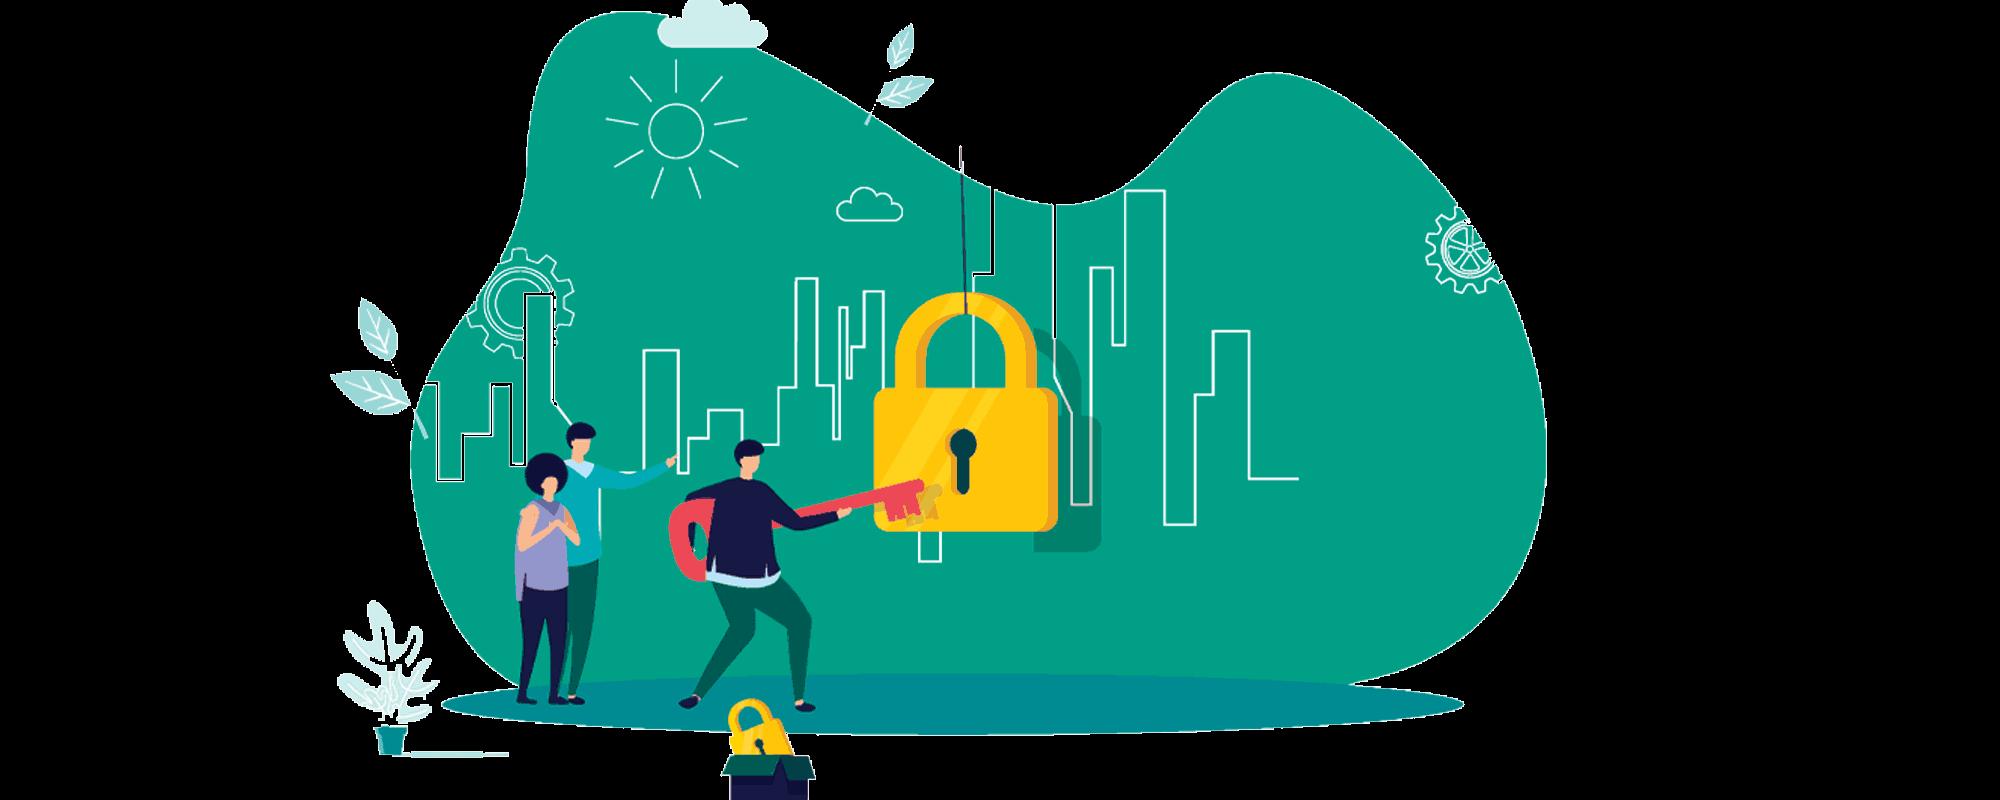 قفل گشایی اطلاعات-رمز گشایی اطلاعات